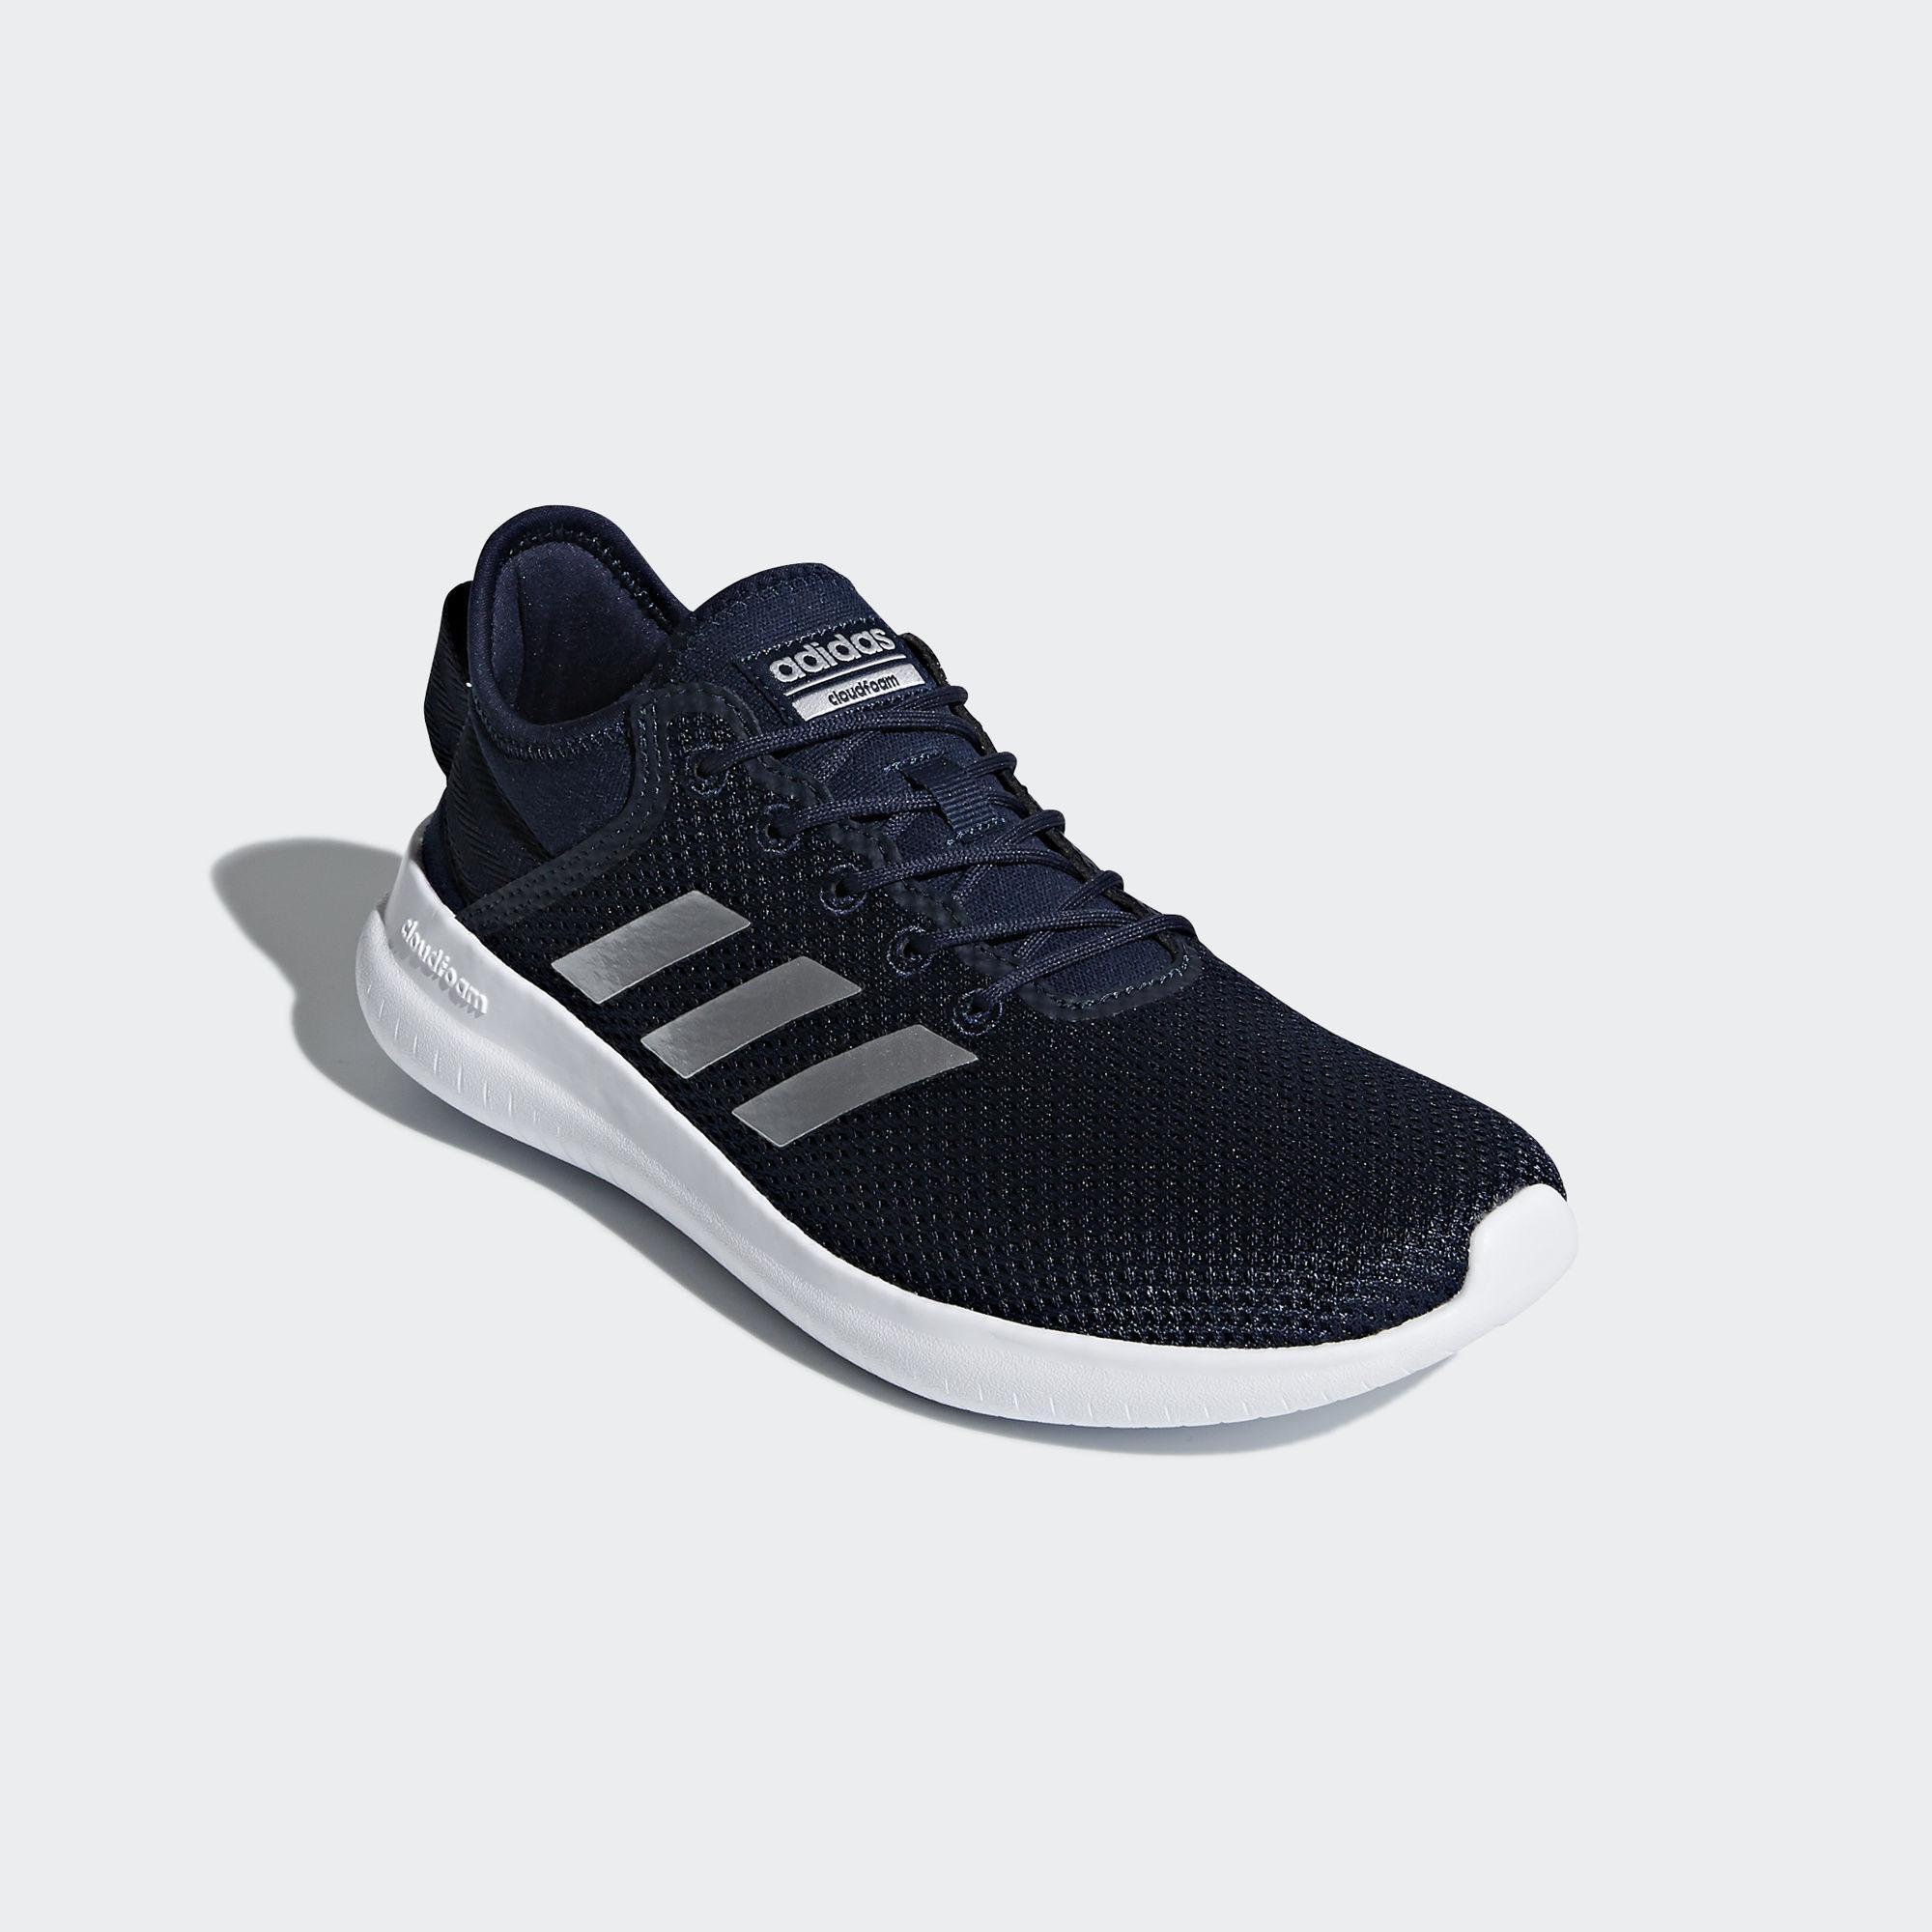 Adidas sepatu running Cloudfoam QT Flex W - DA9837 - Navy 41780d77df